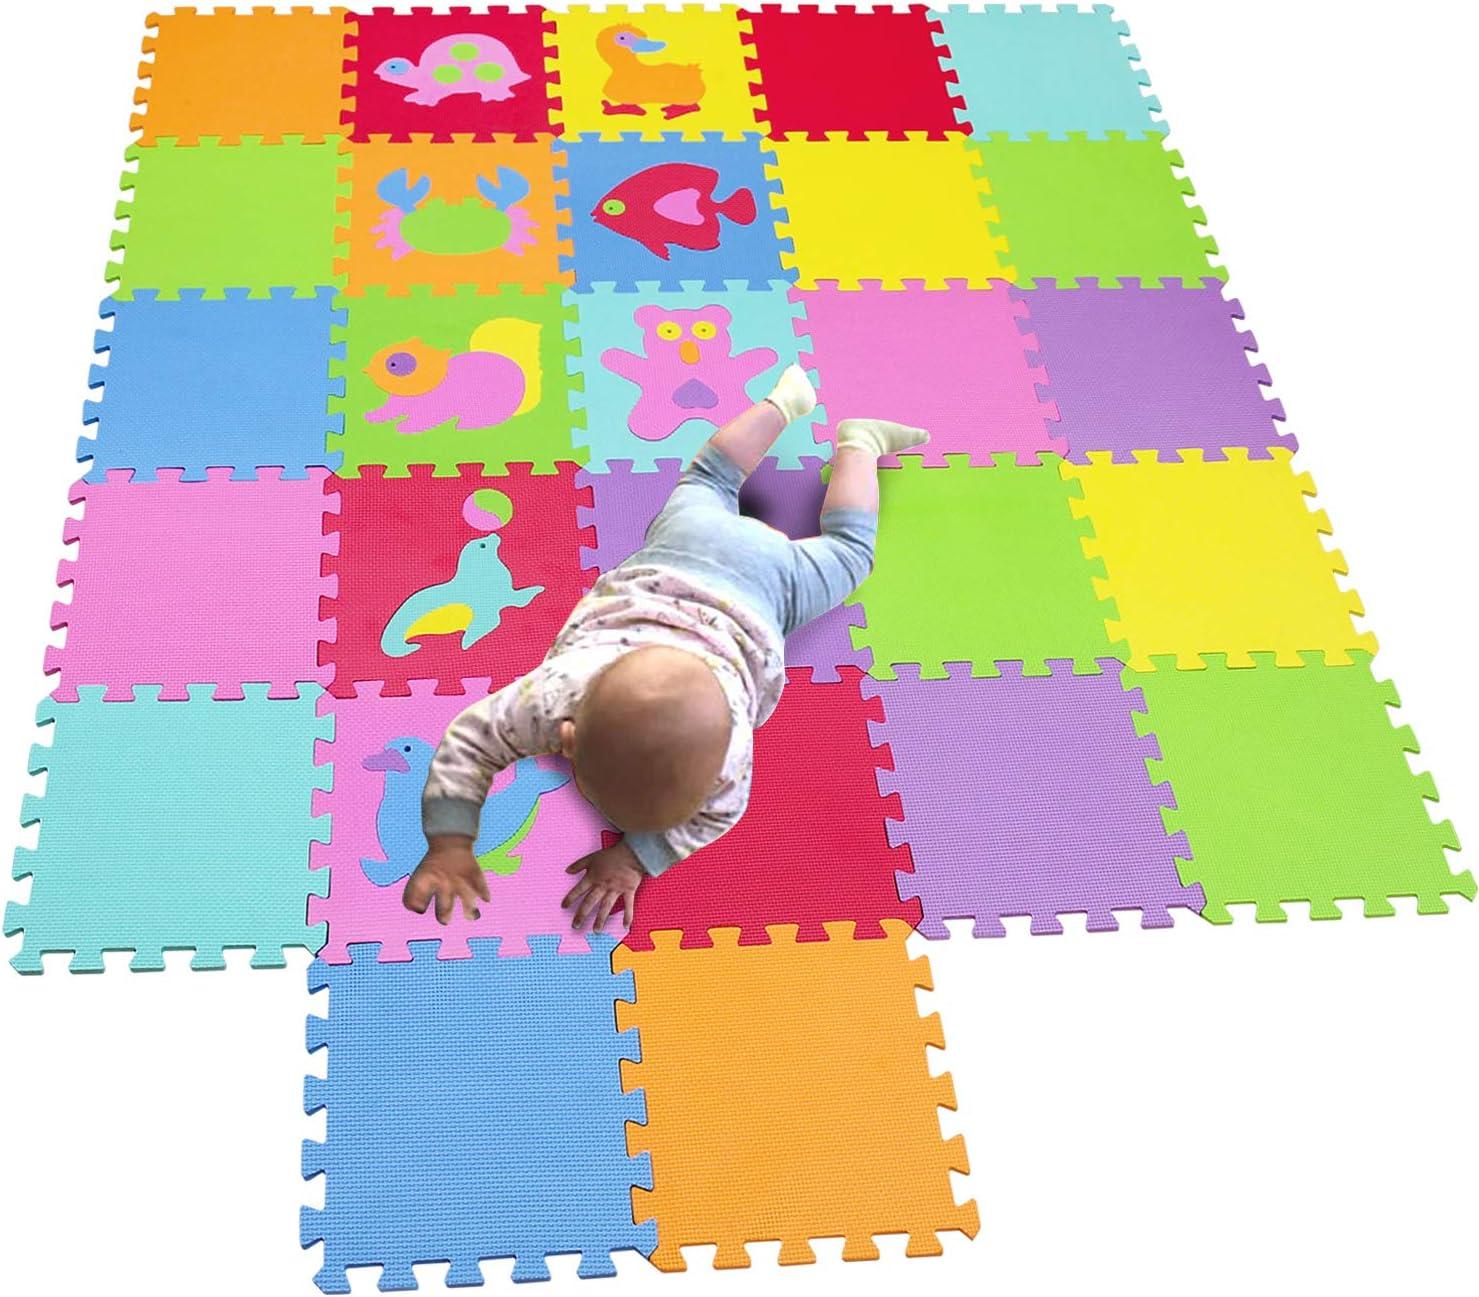 MQIAOHAM children puzzle mat play mat squares play mat tiles baby mats for floor puzzle mat soft play mats girl playmat carpet interlocking foam floor mats for baby CS3009G27